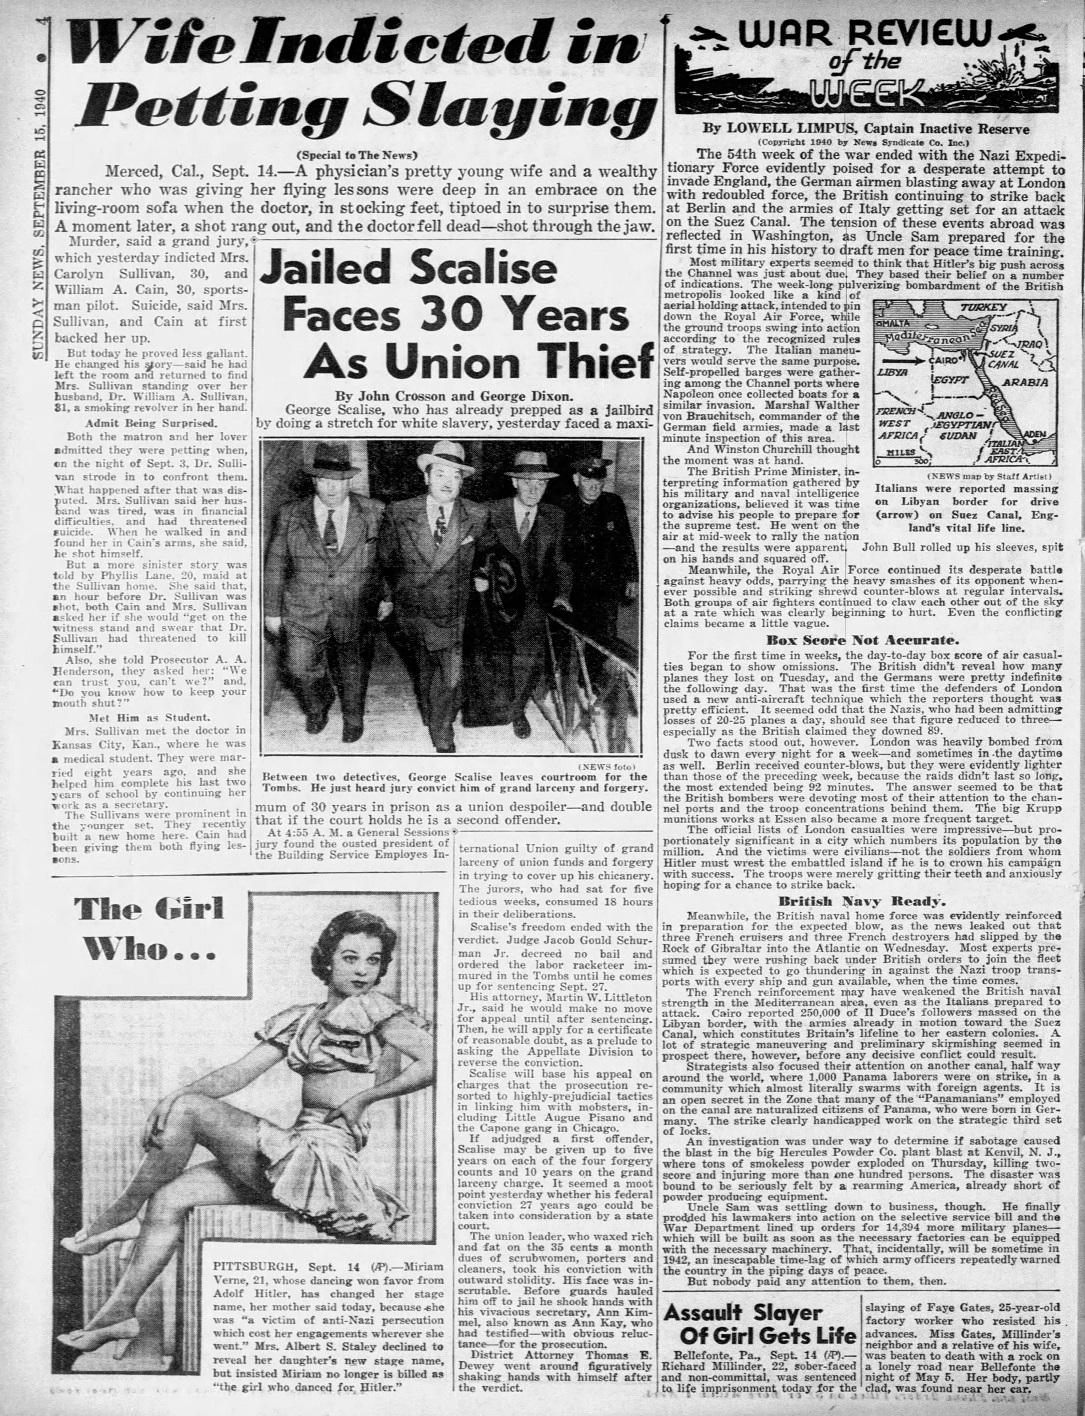 Daily_News_Sun__Sep_15__1940_.jpg